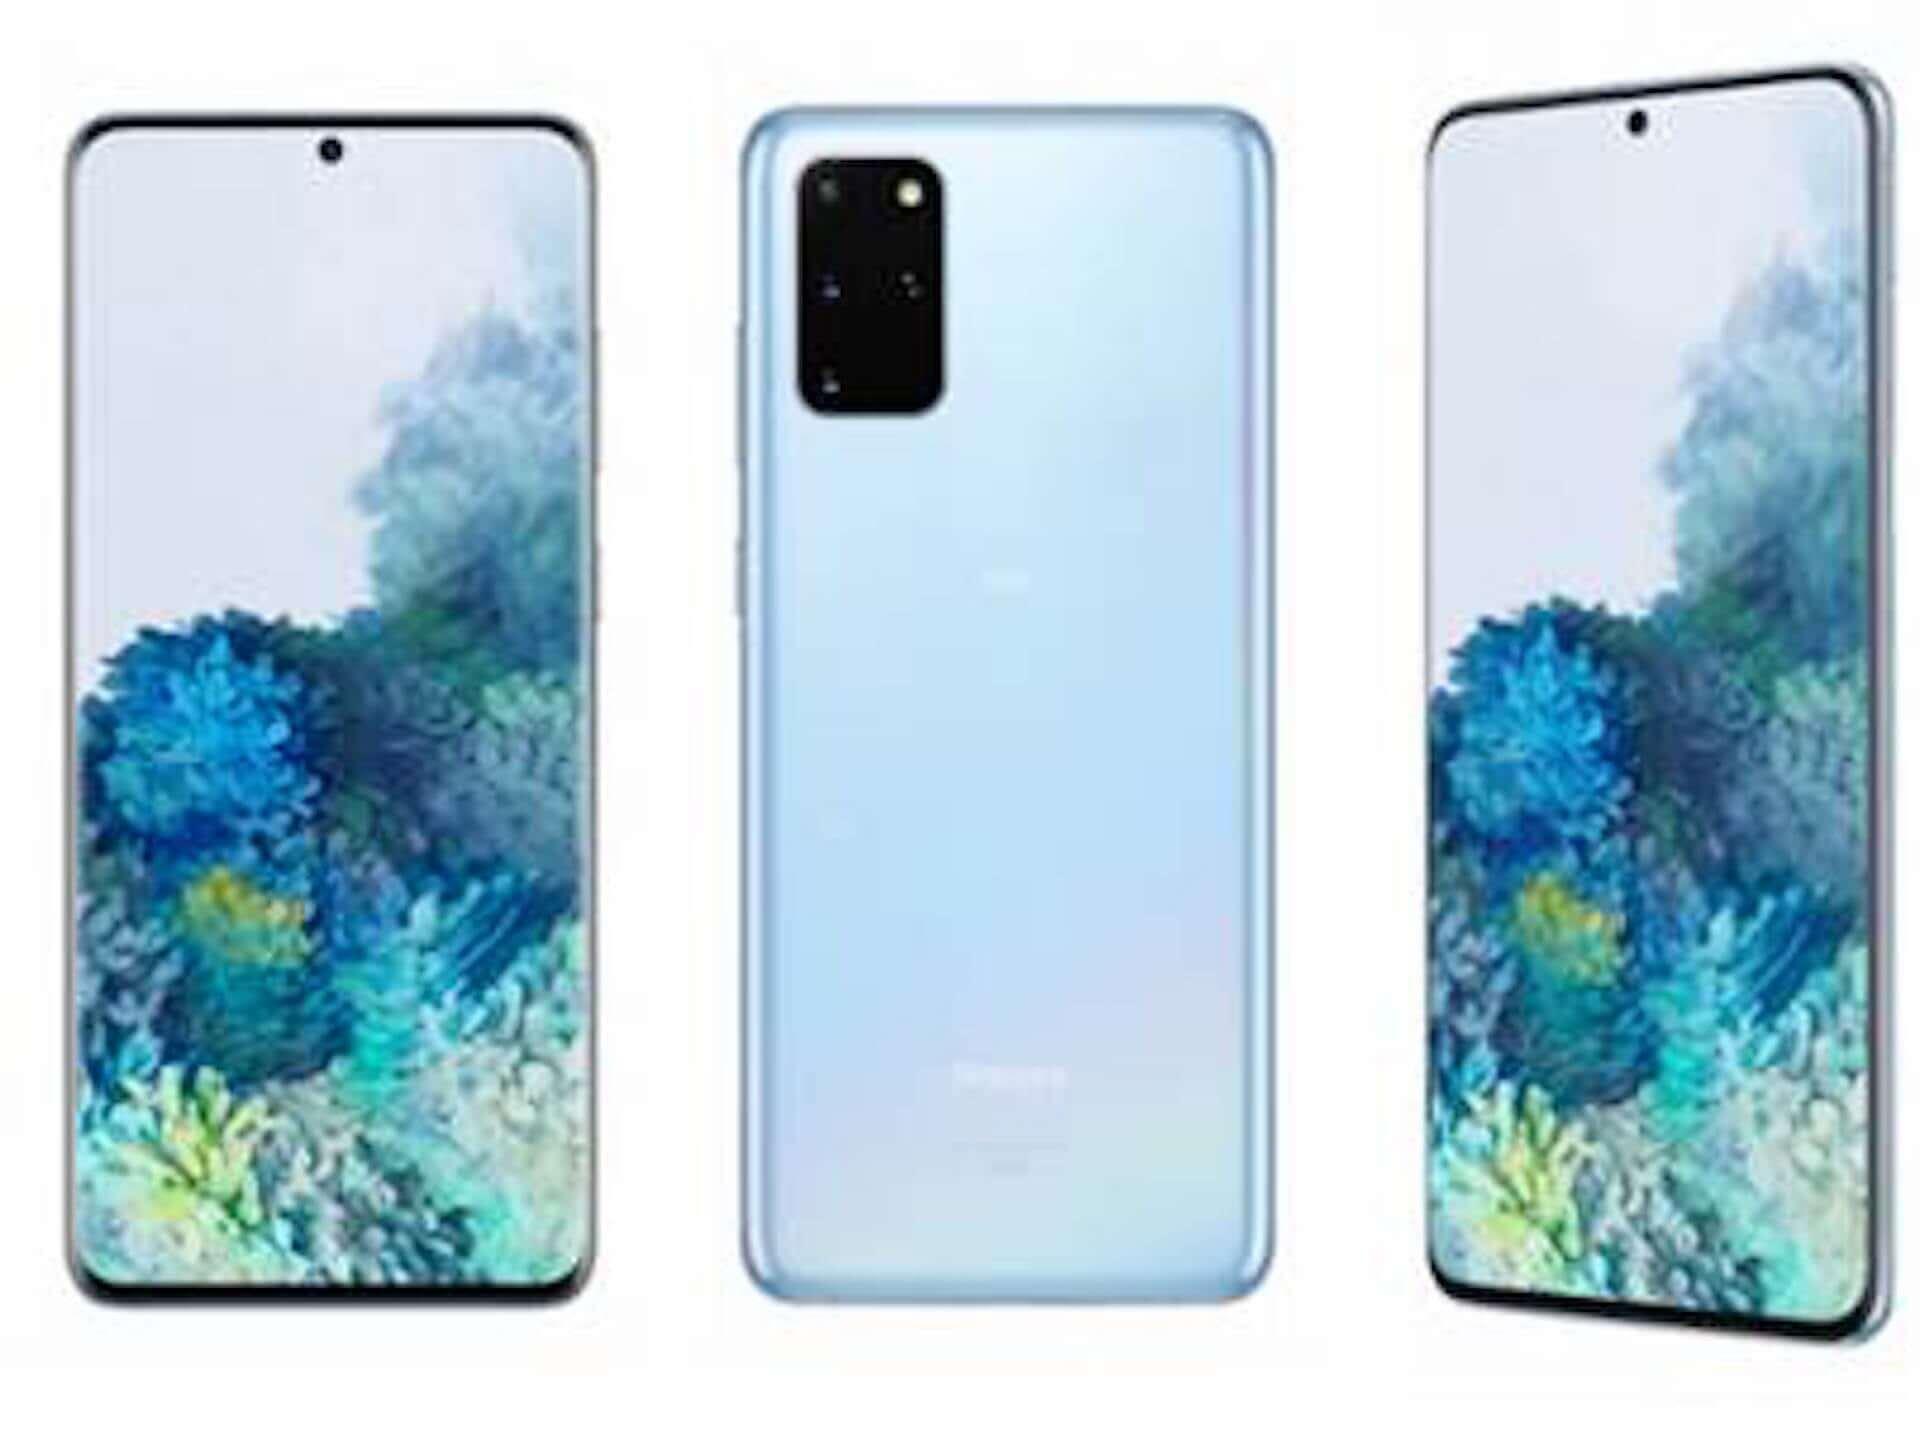 Samsungの5G対応スマホ『Galaxy S20+ 5G』がauから発売決定!ワイヤレスイヤホンが必ずもらえるキャンペーンも tech200526_galaxy_s20_2-1920x1448